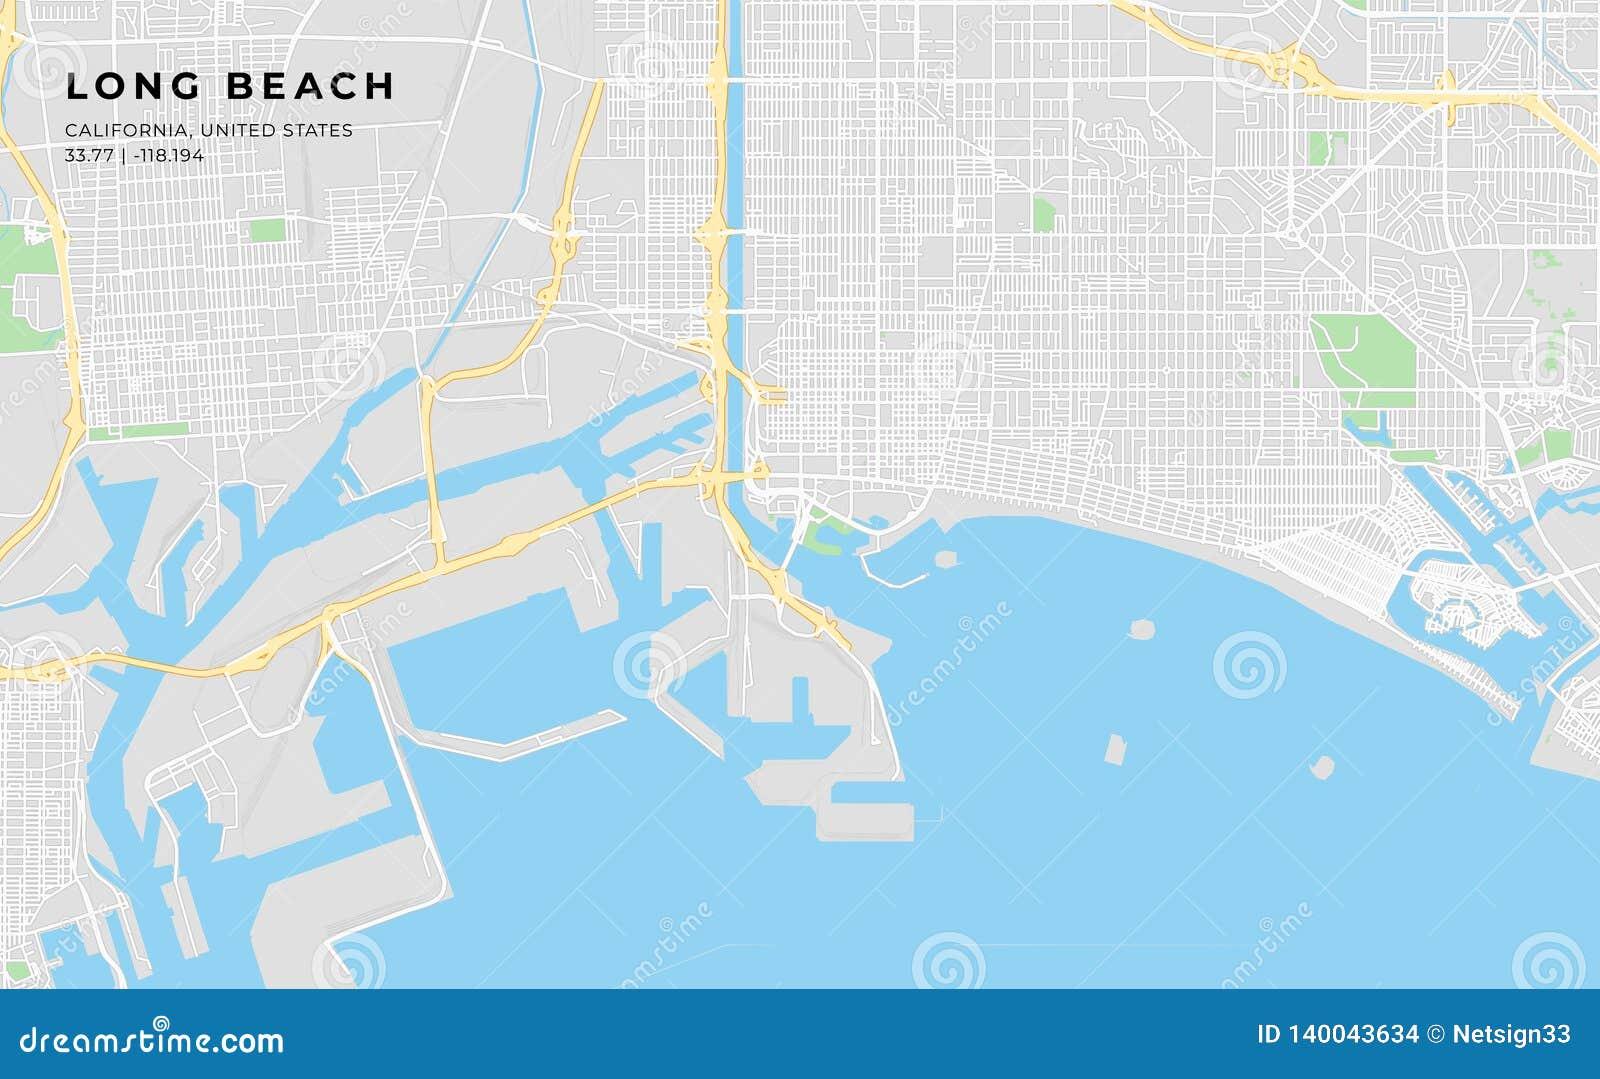 Printable Street Map Of Long Beach, California Stock Vector ...